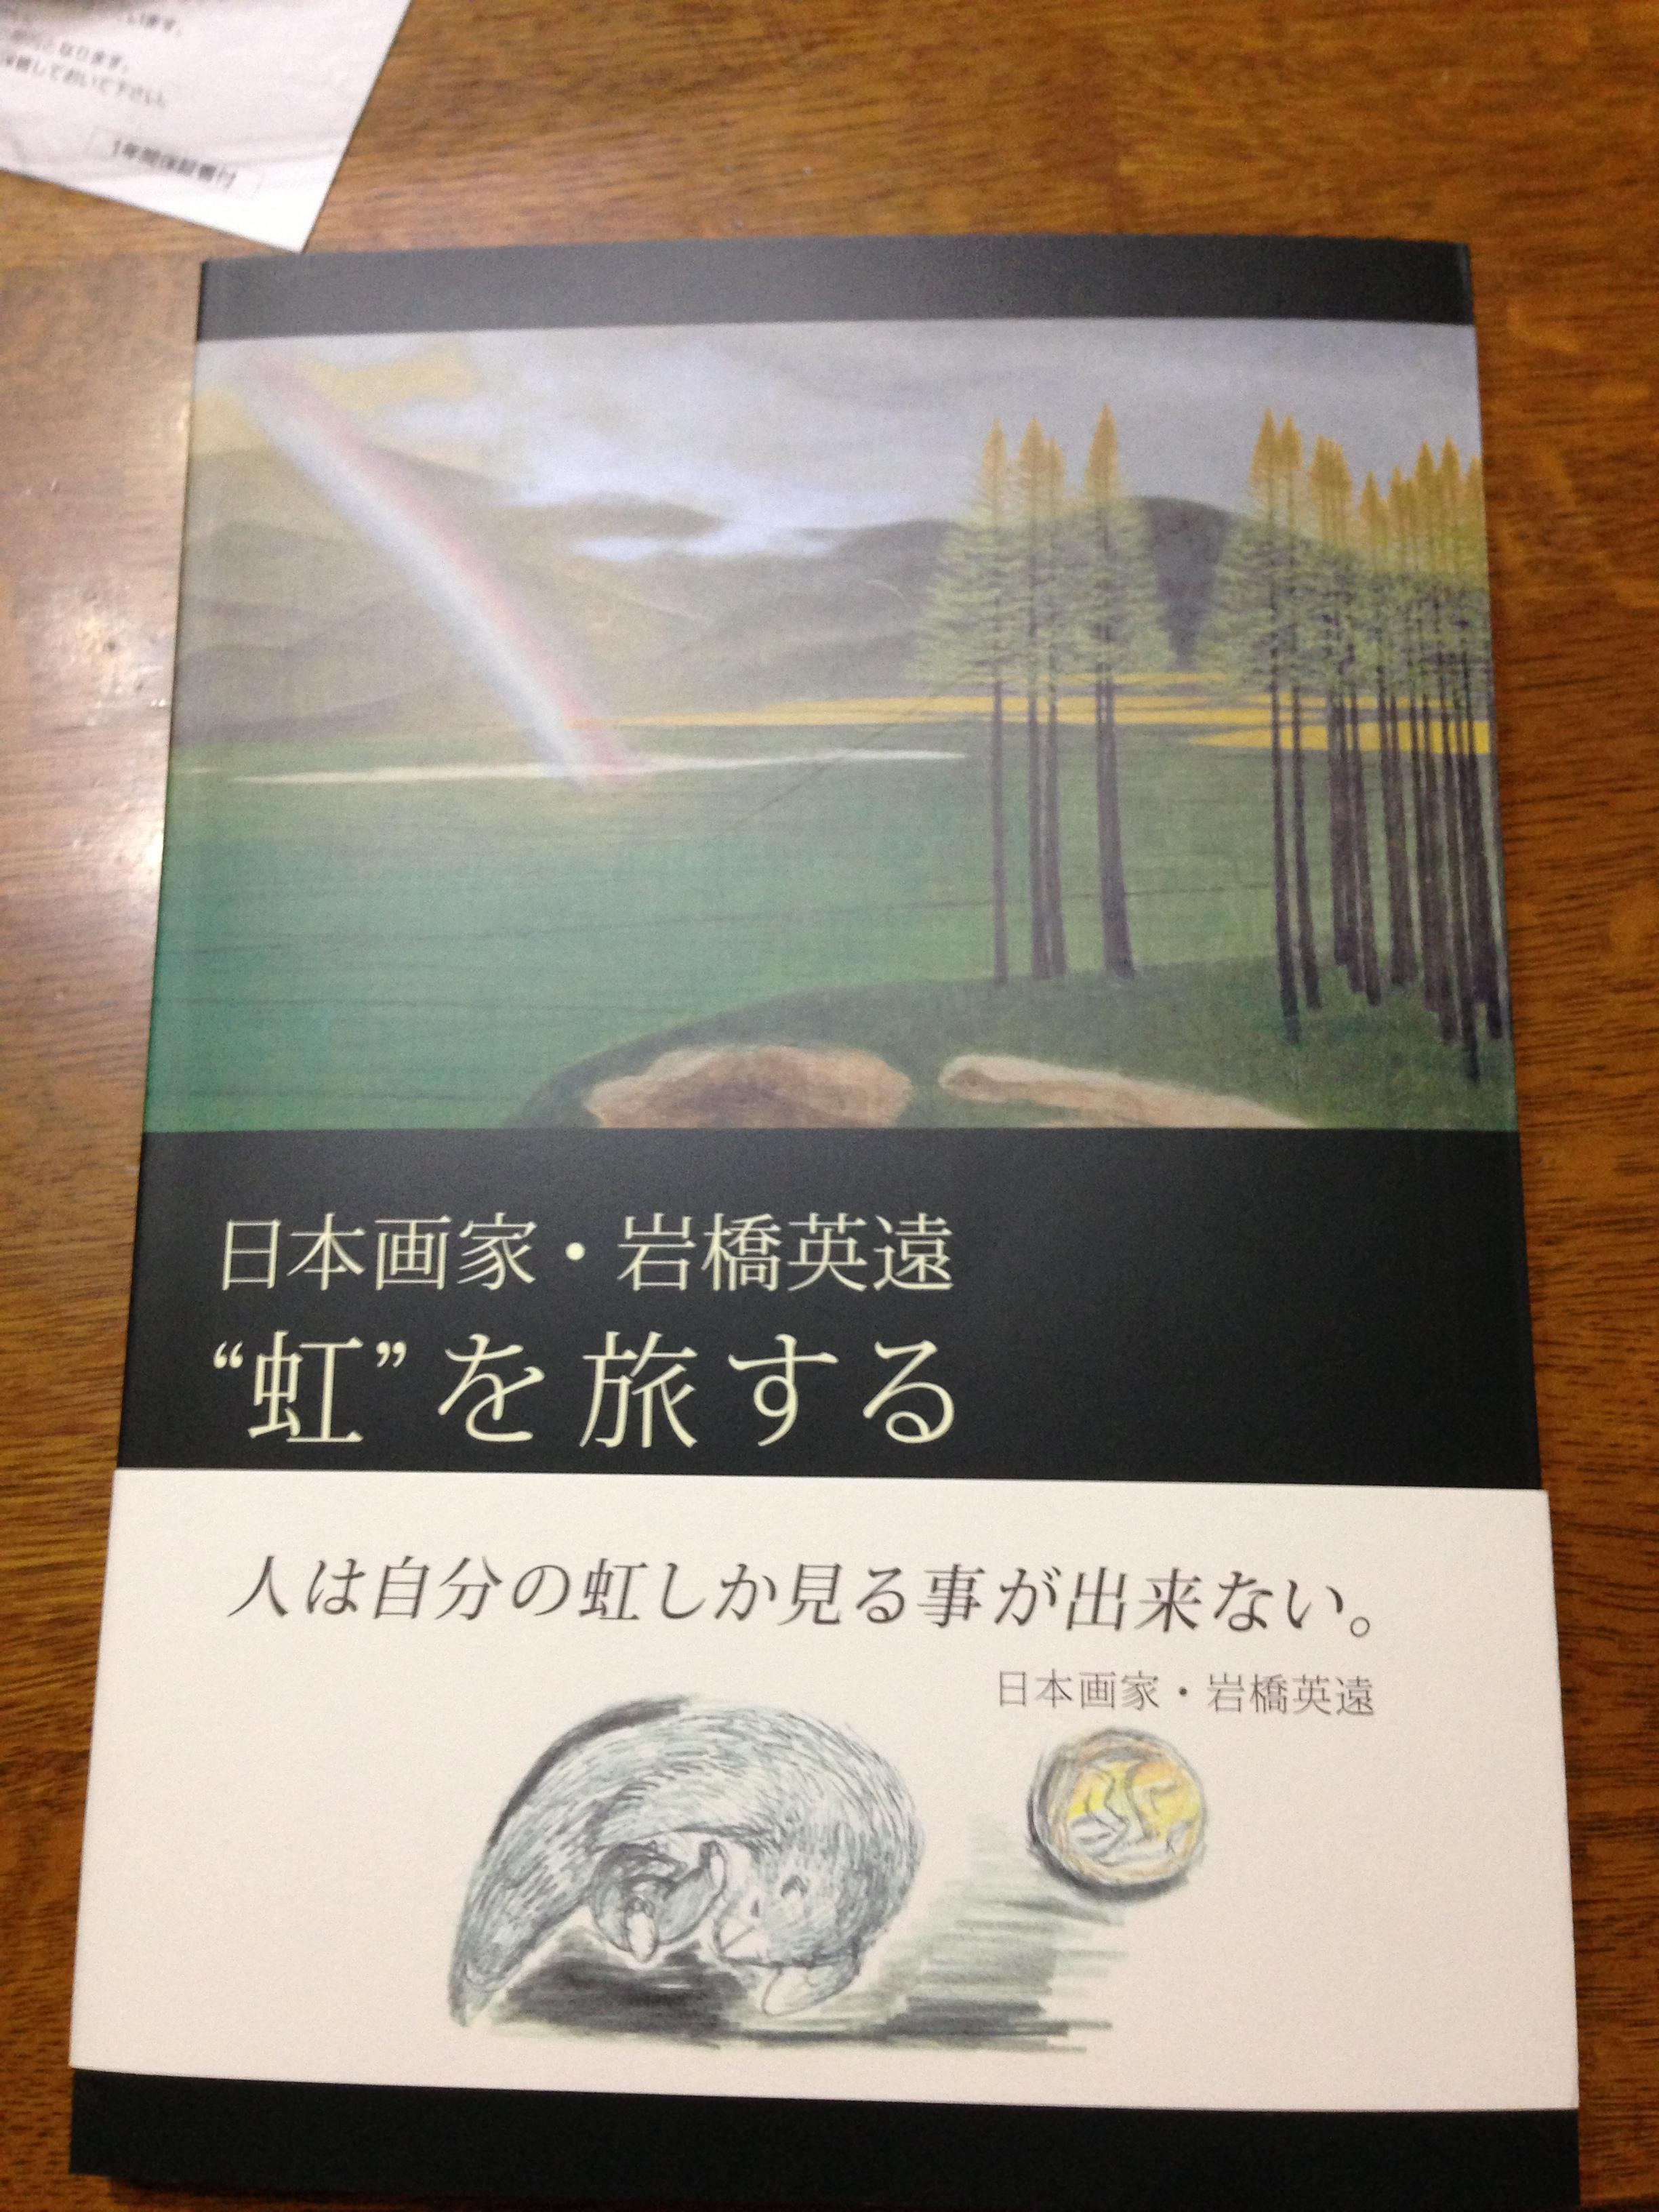 岩橋英遠展覧会: FM G'Sky放送局長 山口清悦のBLOG